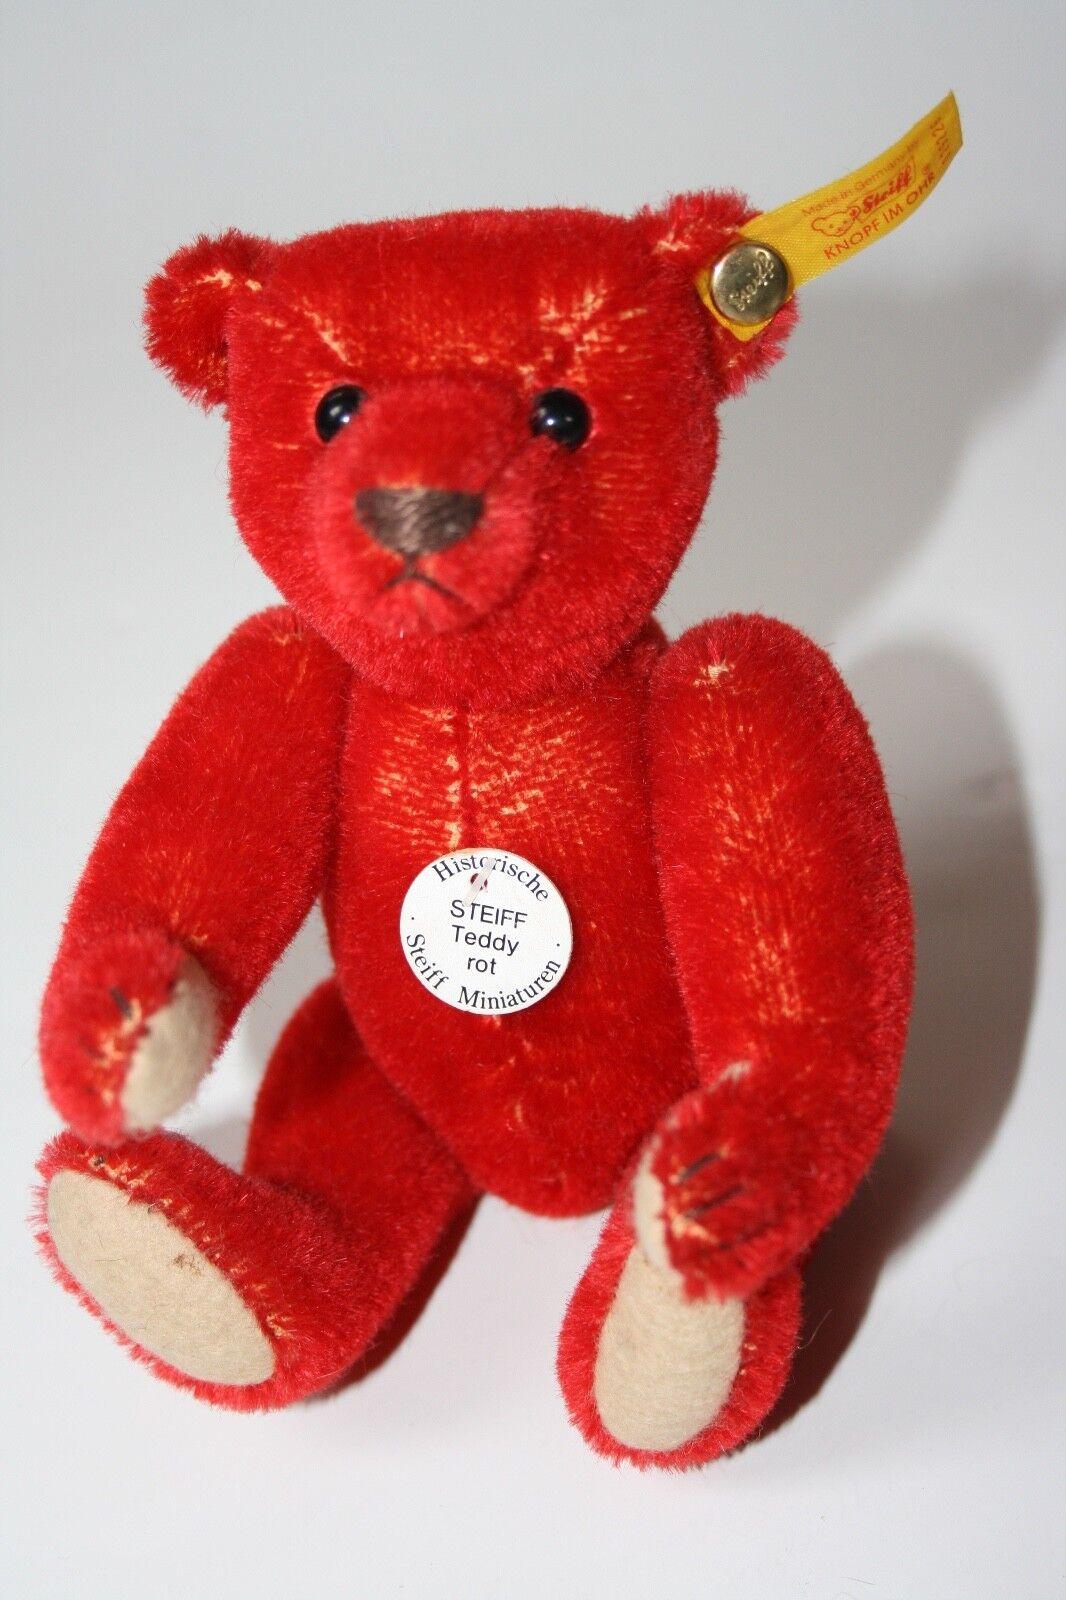 Steiff Teddybär rot, 16 cm,  029226,  Historische Miniaturen, mit KFS